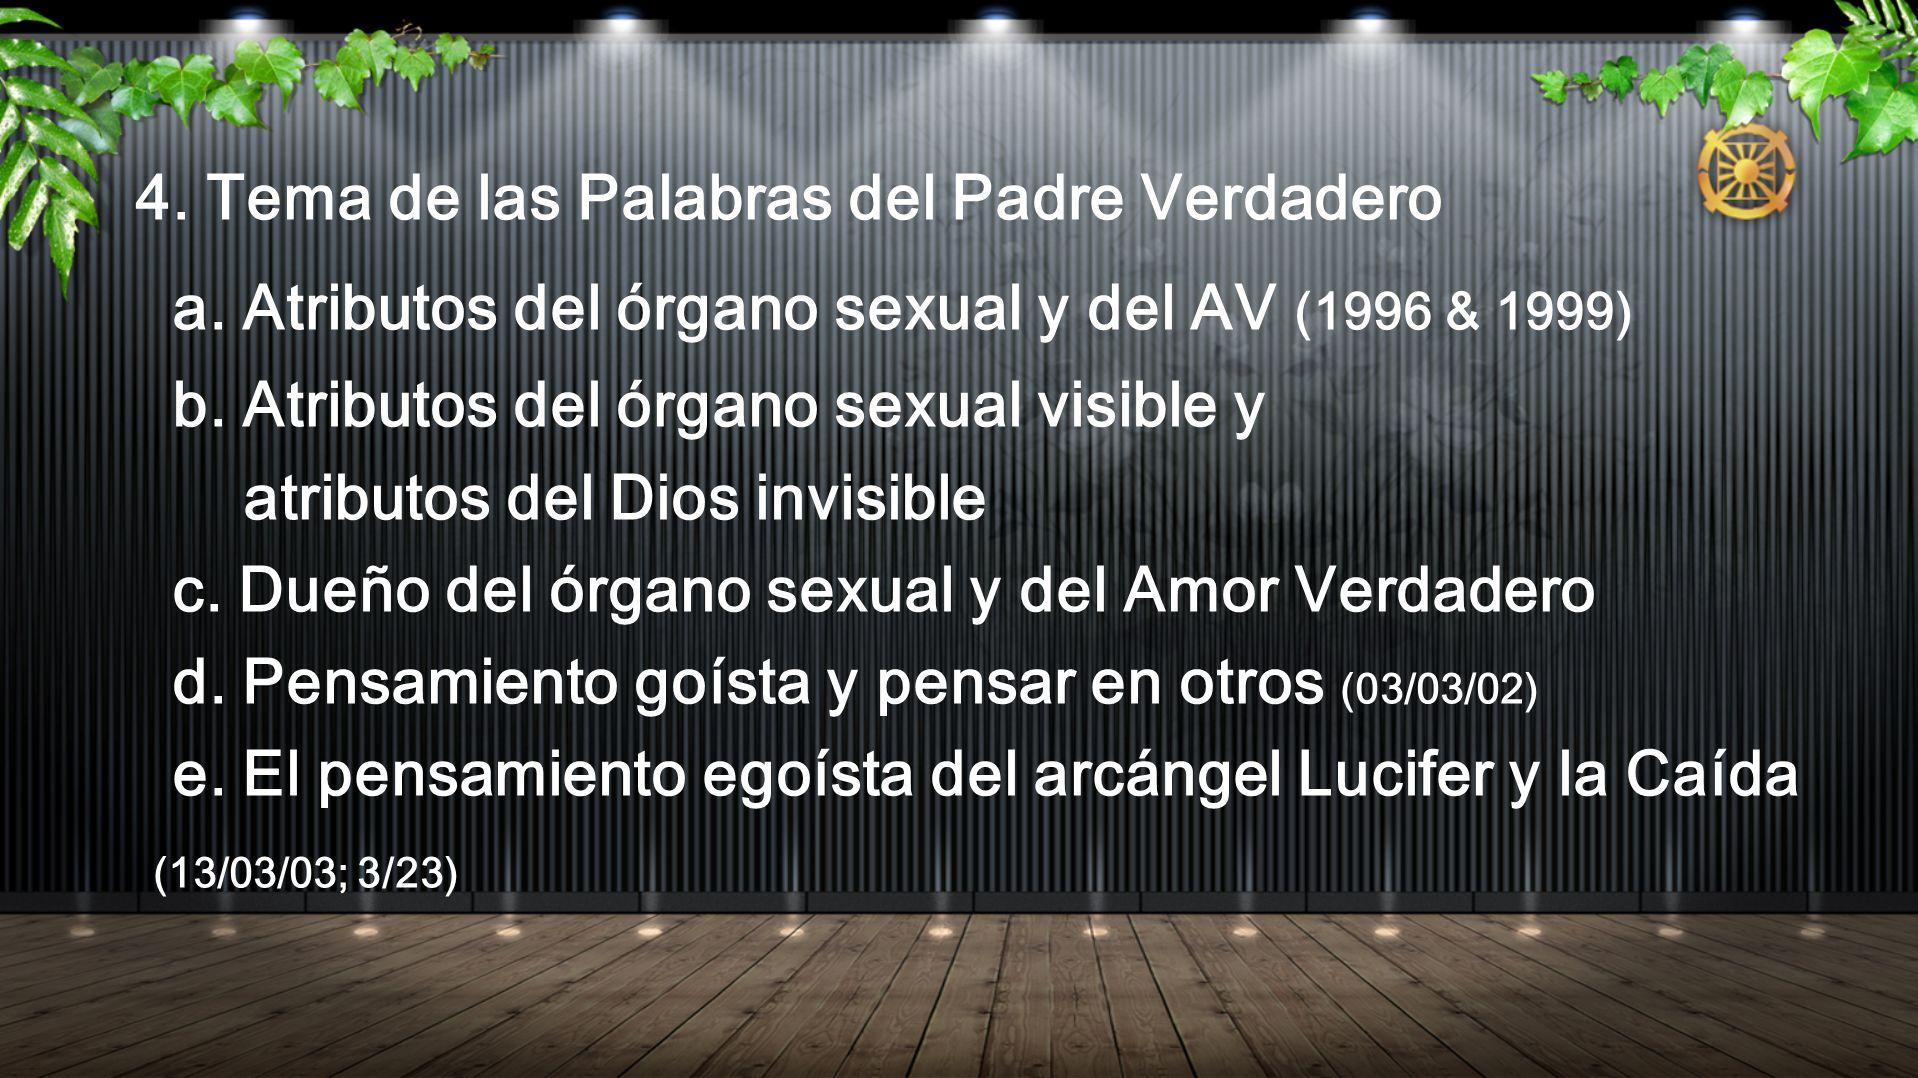 4. Tema de las Palabras del Padre Verdadero a. Atributos del órgano sexual y del AV (1996 & 1999) b. Atributos del órgano sexual visible y atributos d